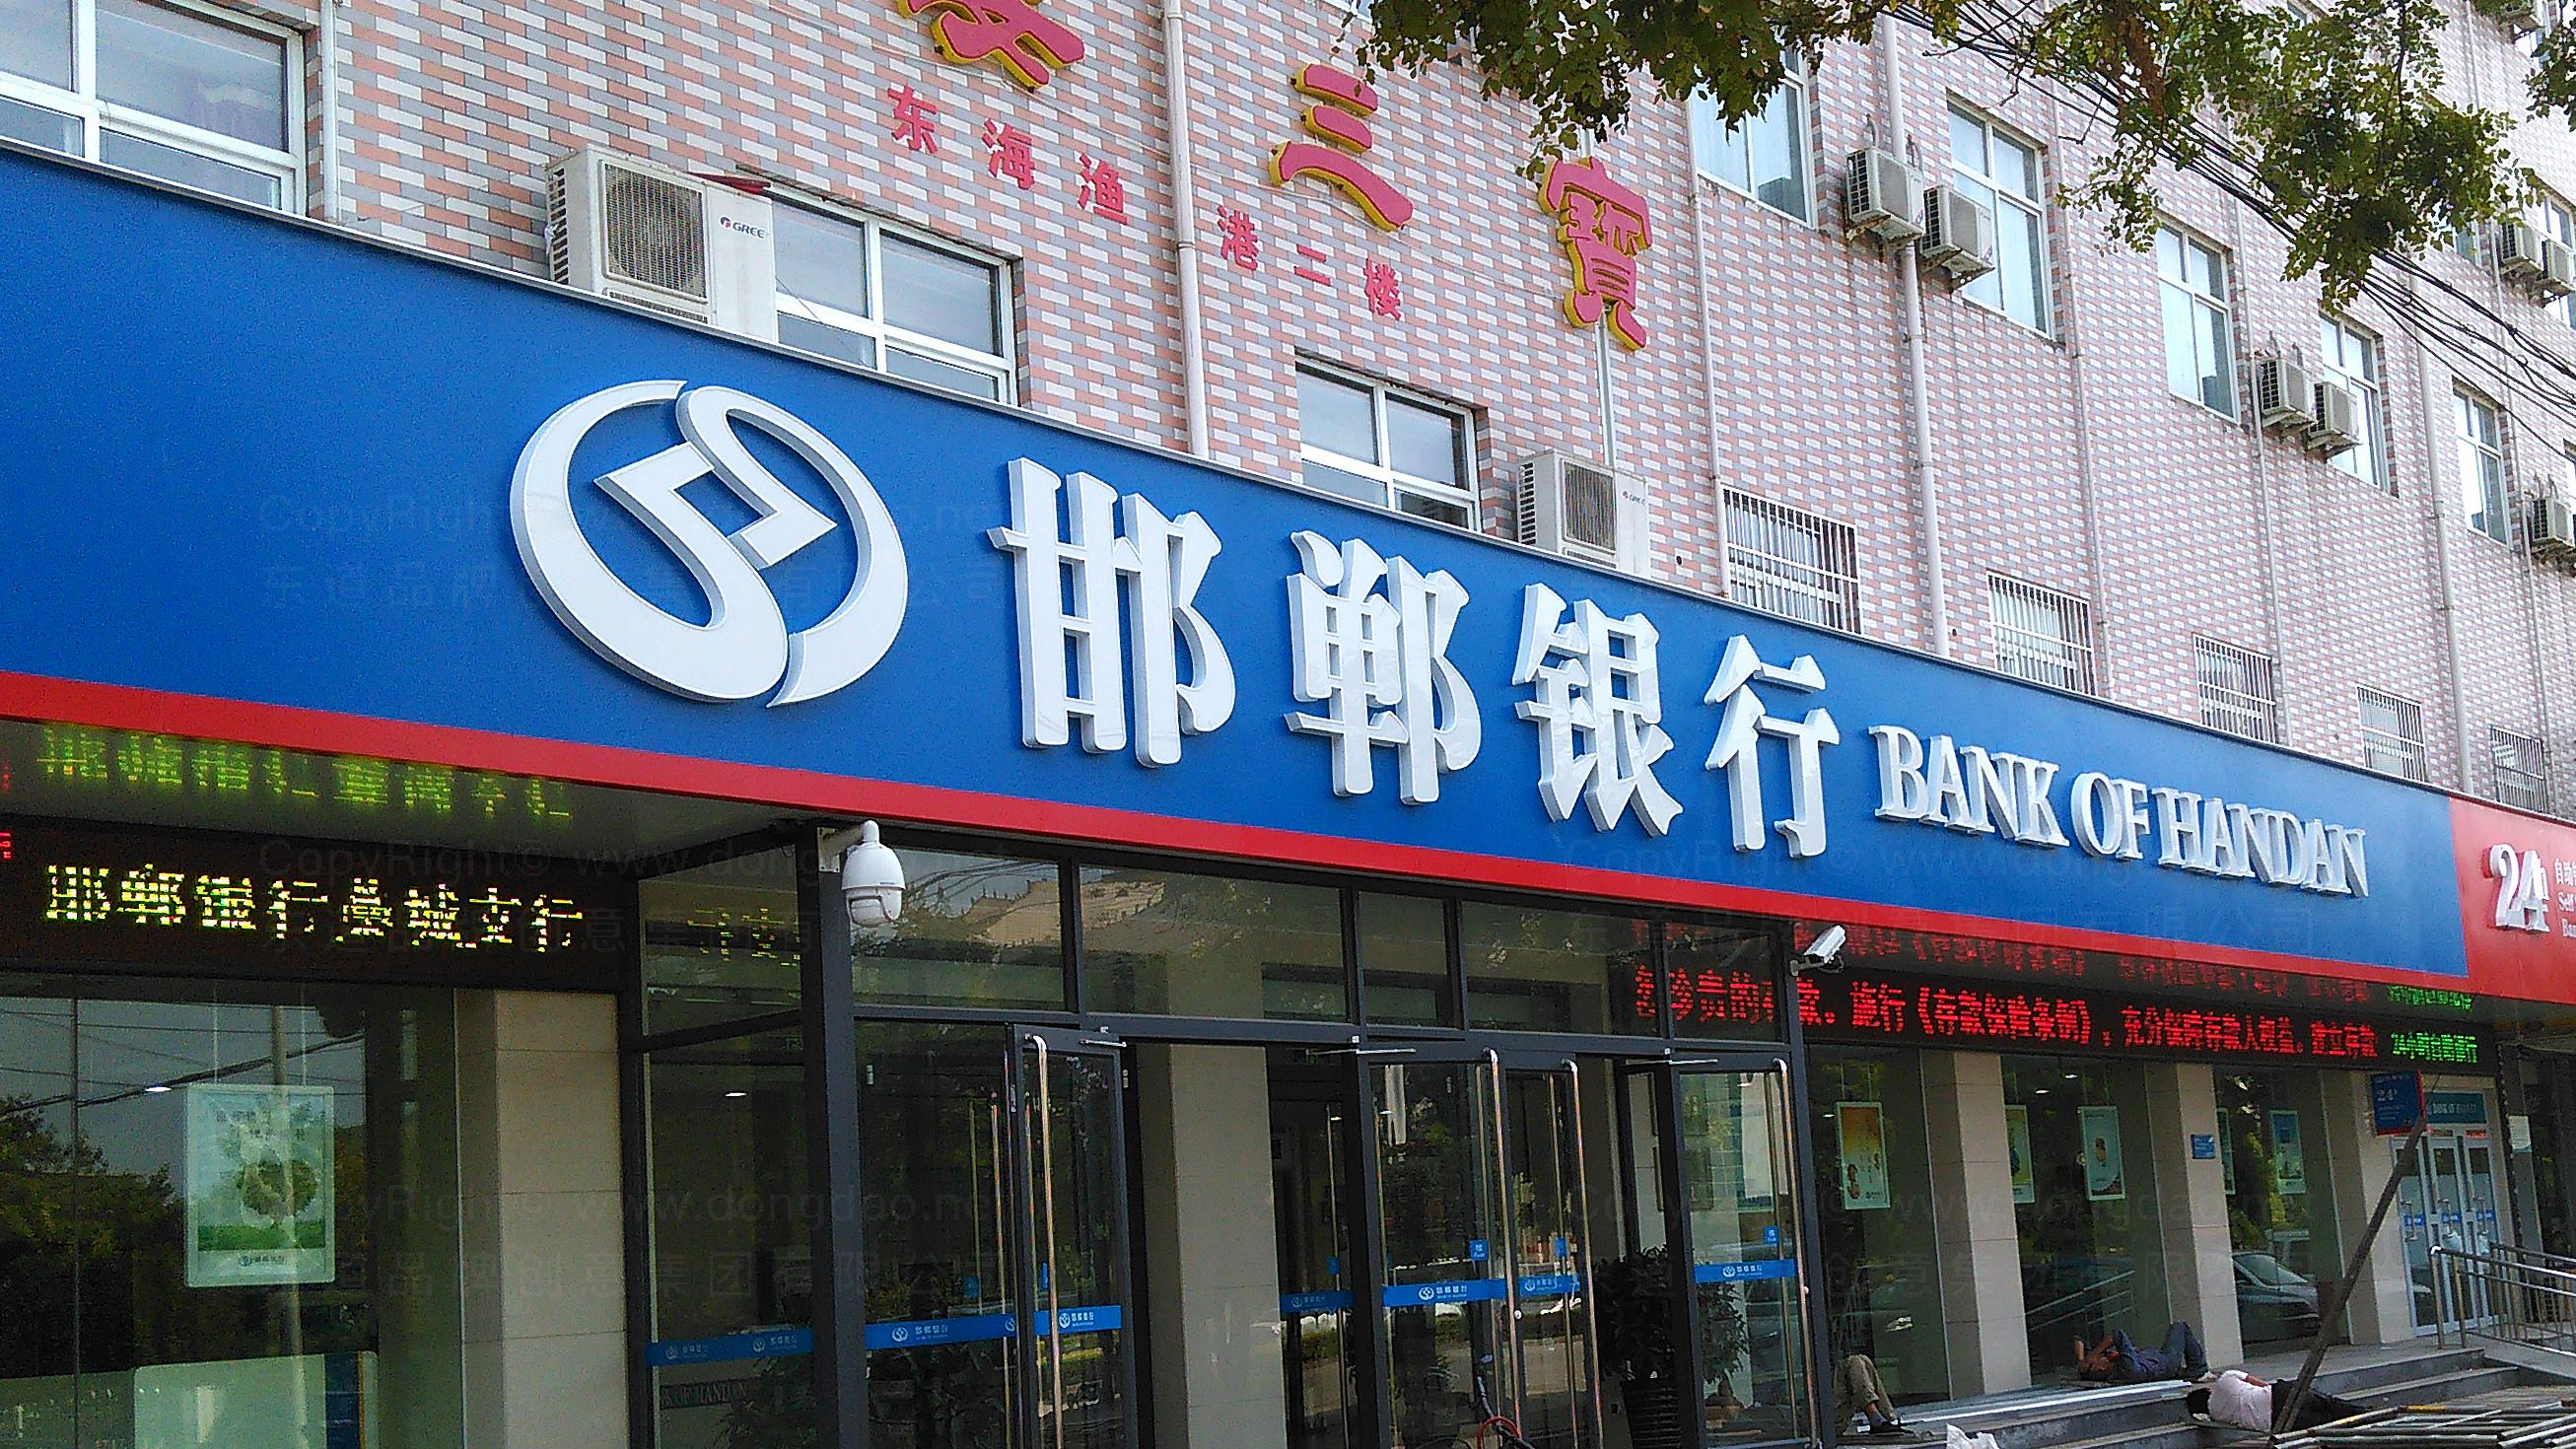 落地工程邯郸银行标识工程应用场景_3